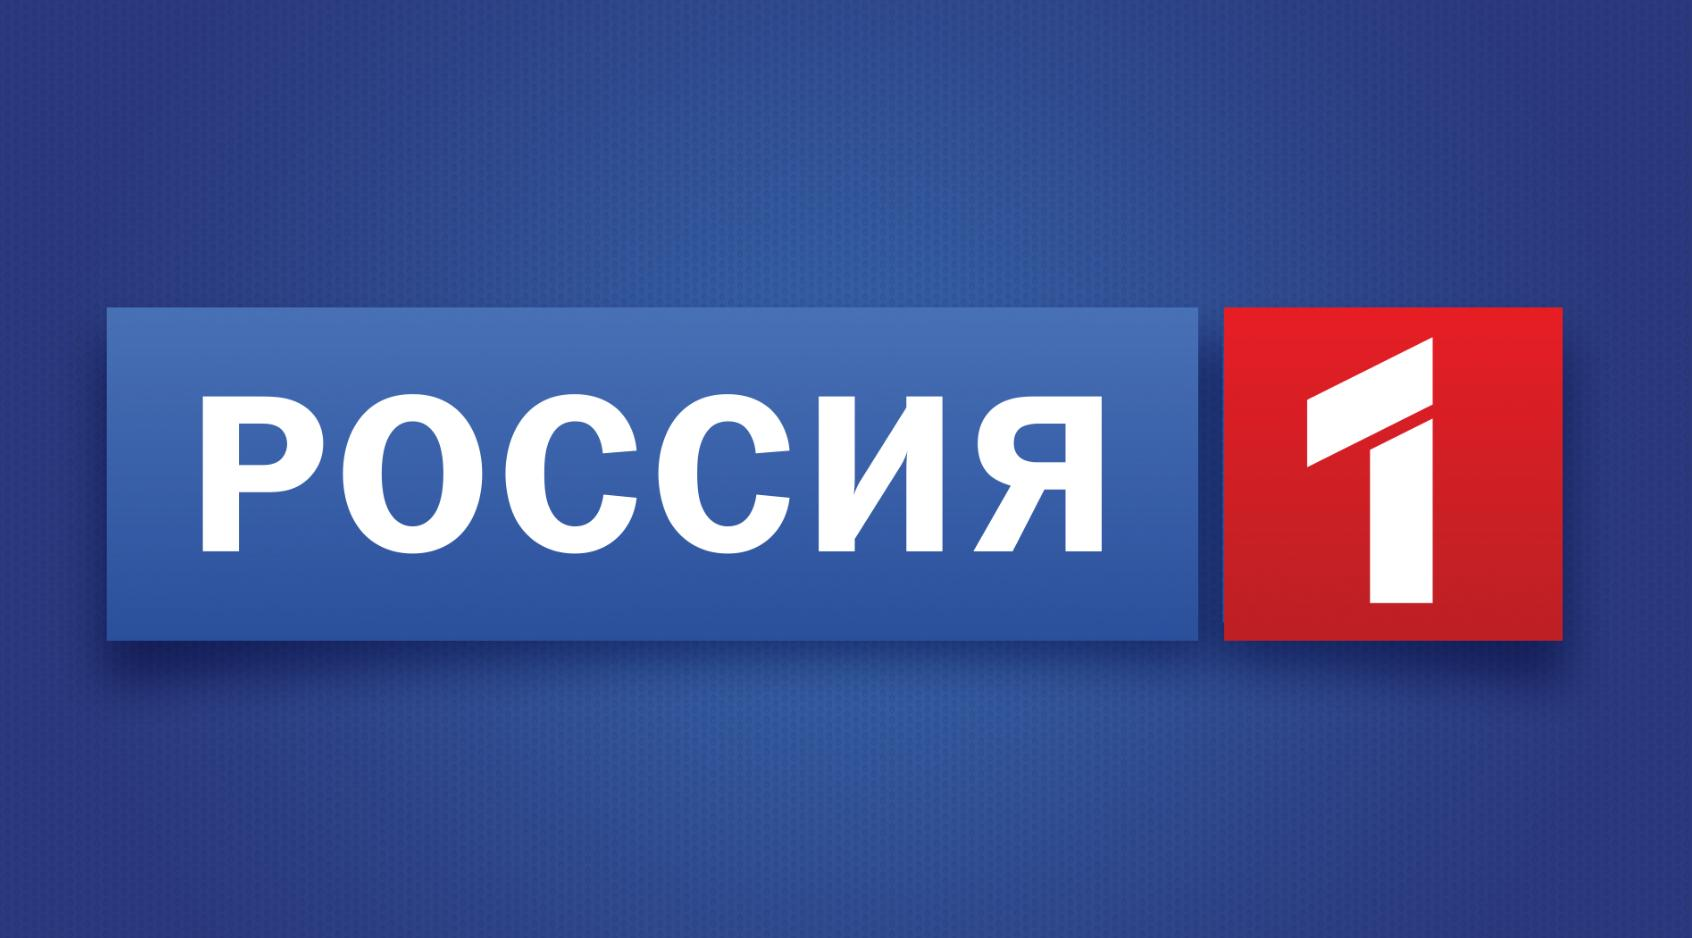 Программа передач на сегодня россия 1 владивосток